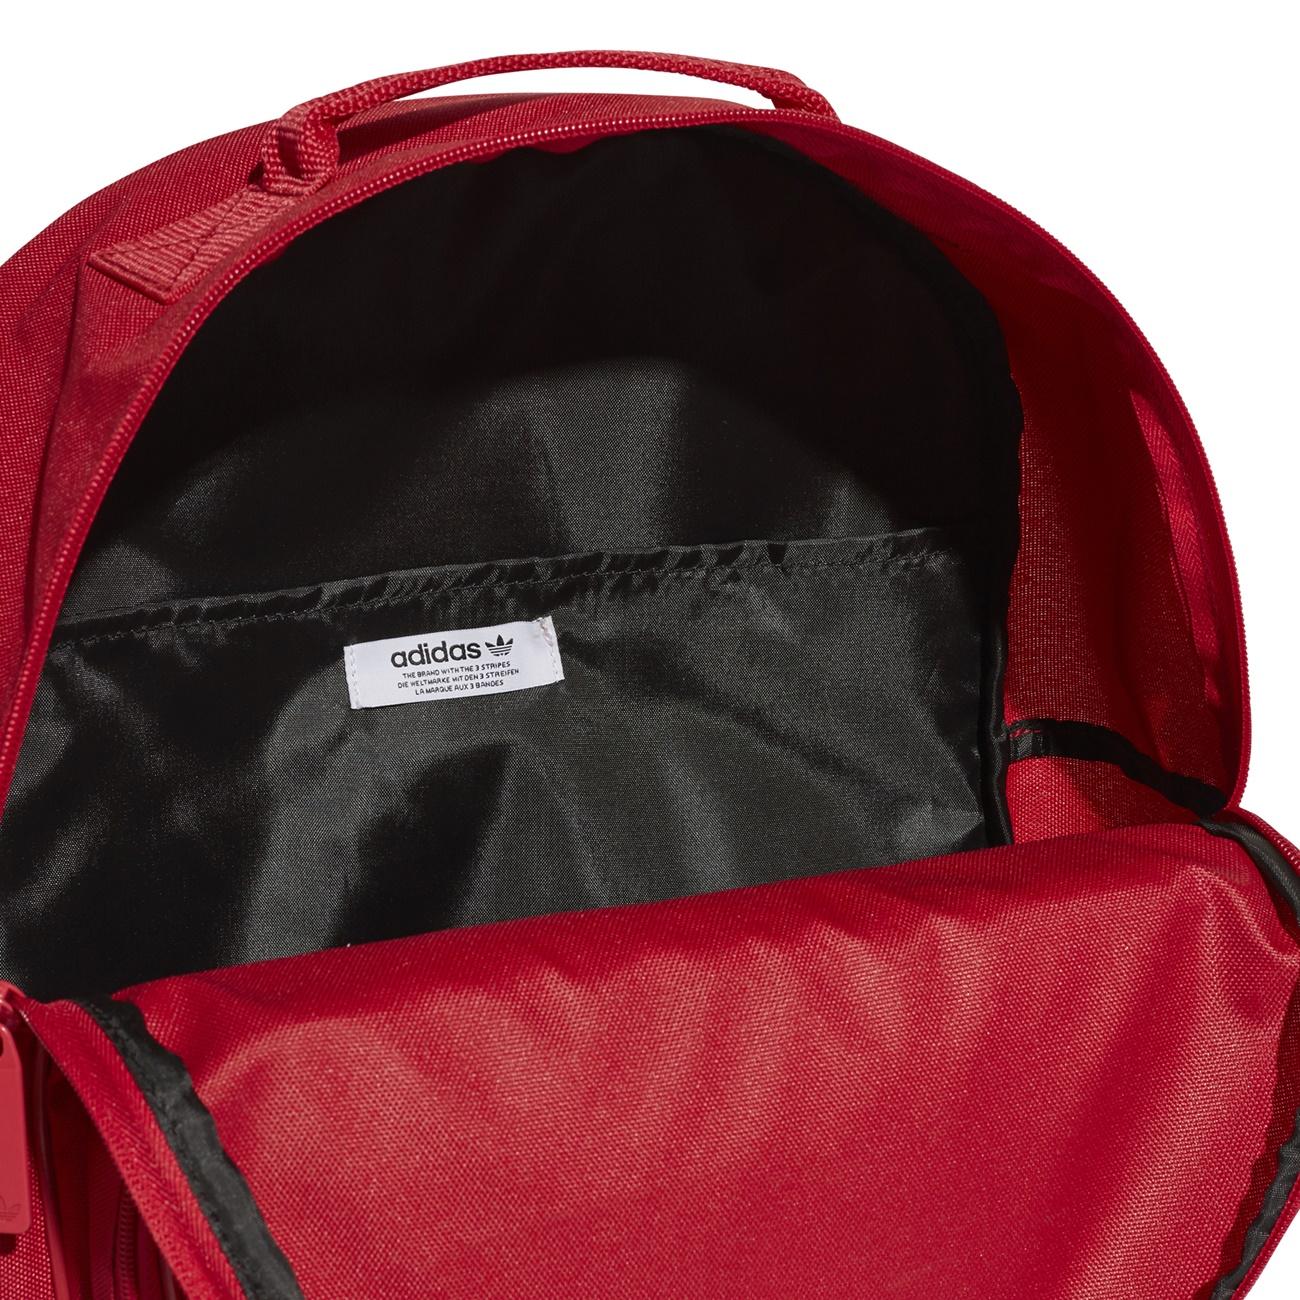 Adidas Originals Classic Trefoil Backpack Burgundy e1a124c680658